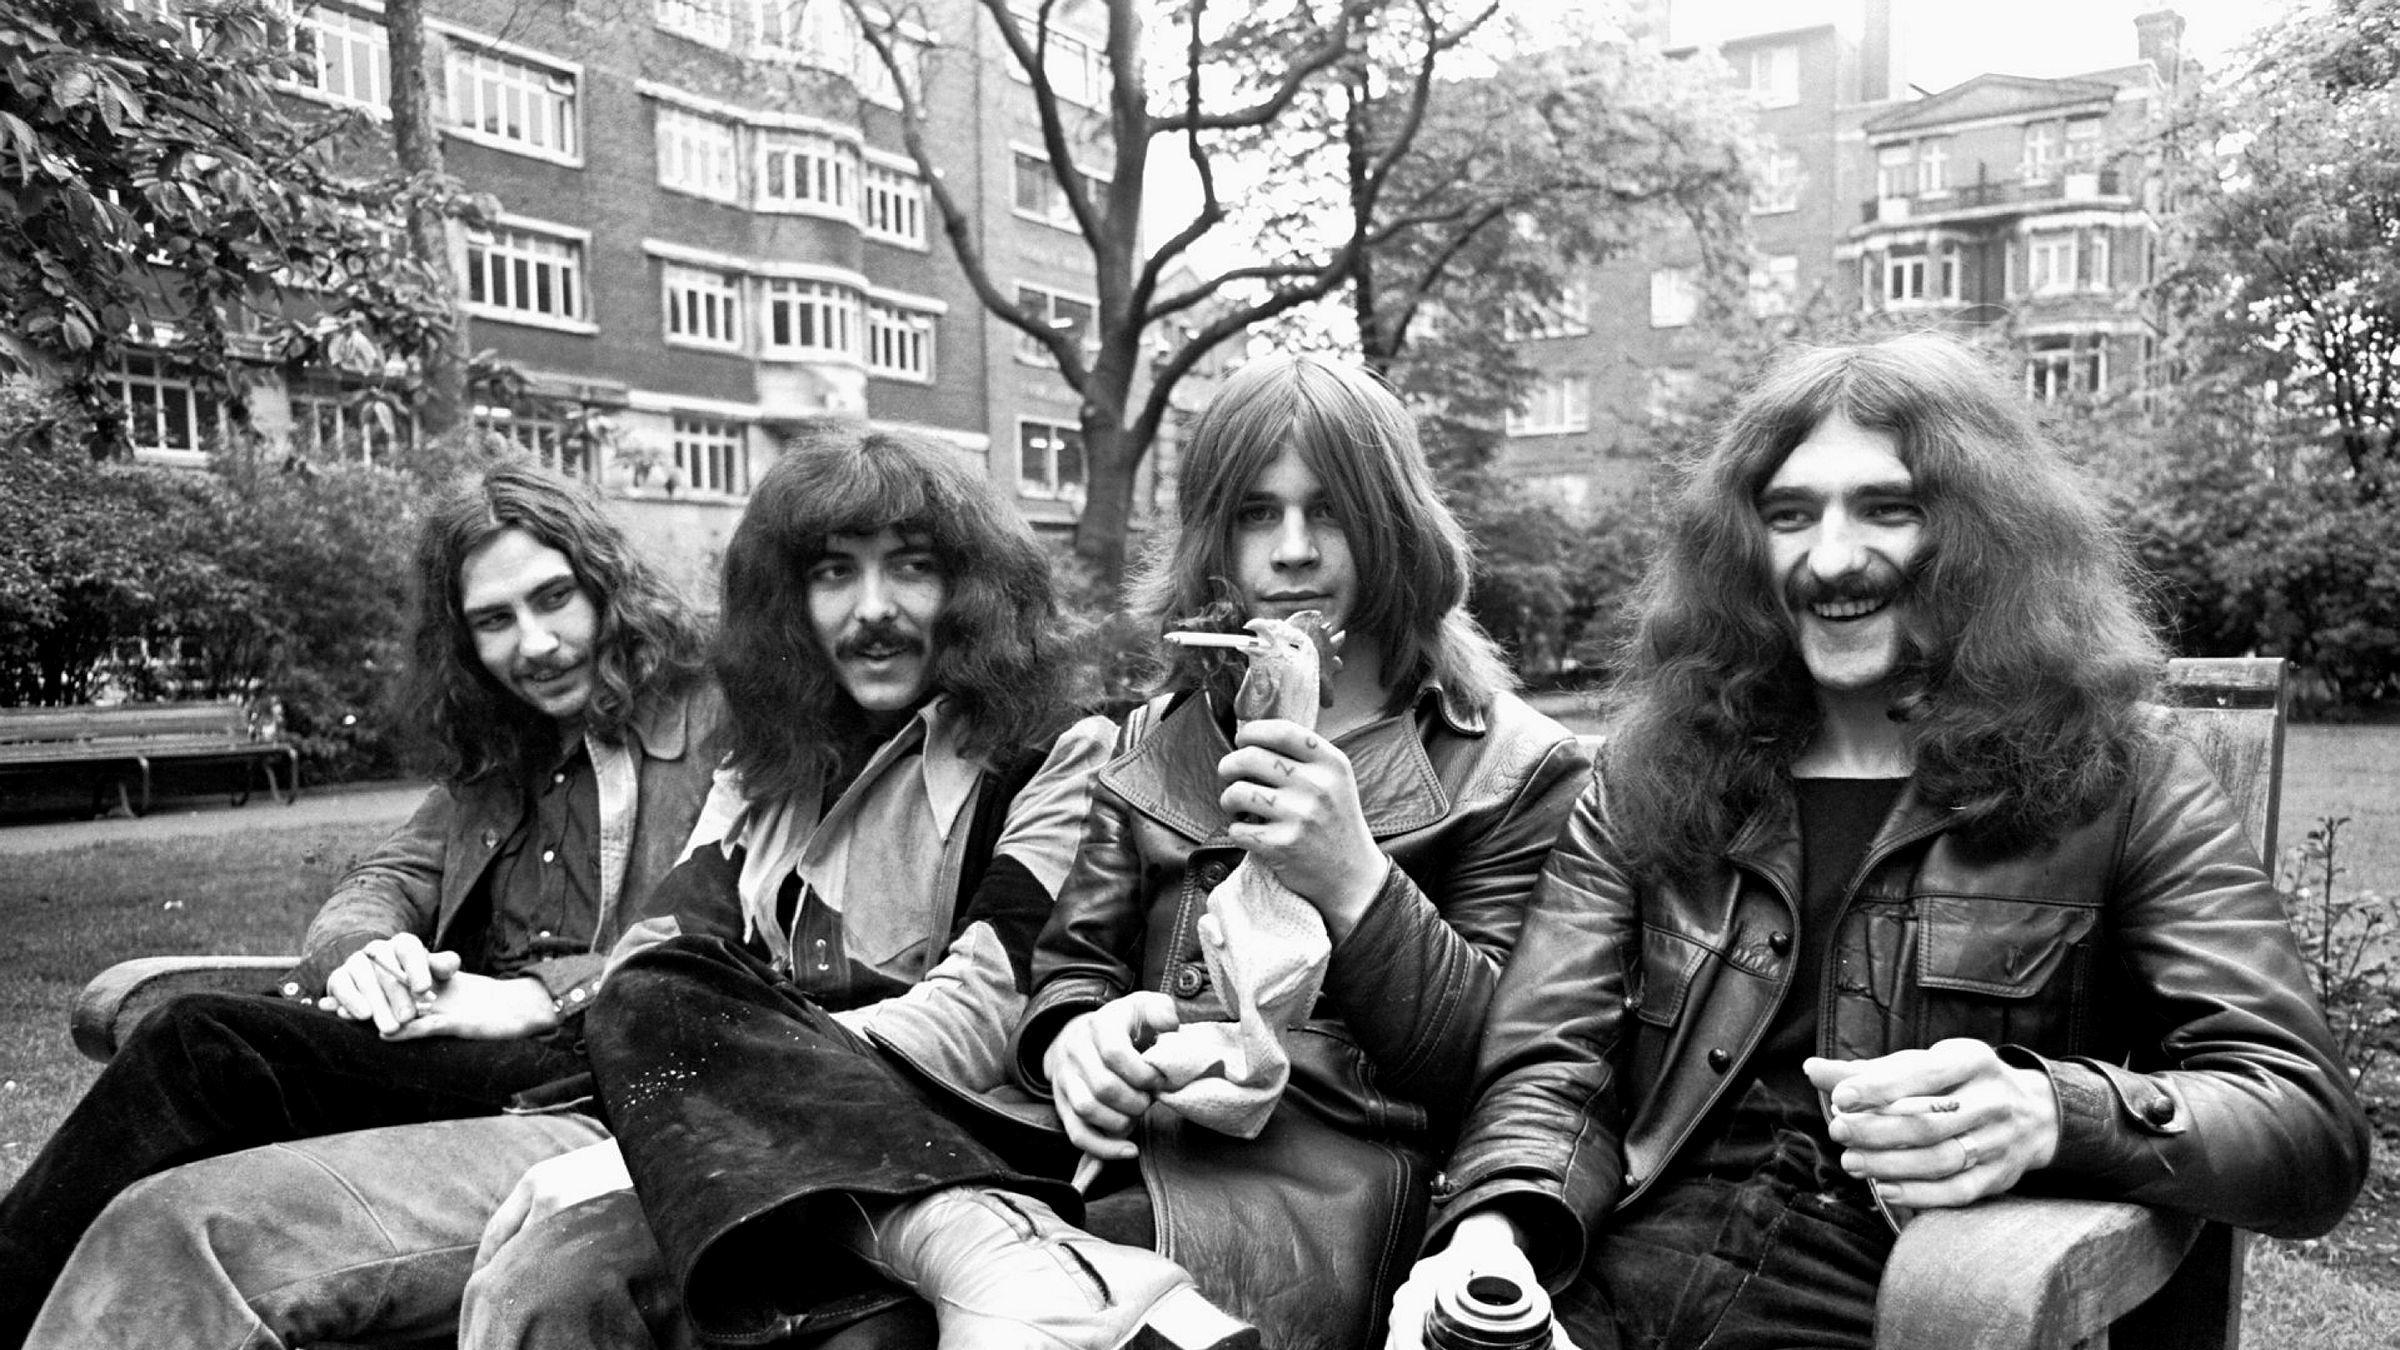 1970 ga Black Sabbath ut «Paranoid». Det er tidenes beste tungrockalbum ifølge denne kåringen. Her er gjengen bak platen samlet til fotografering omtrent på den tiden den ble gitt ut. Fra venstre: Bill Ward, Tony Iommi, Ozzy Osbourne og Geezer Butler. Den røykende kyllingen var så vidt kjent ikke medlem i bandet.